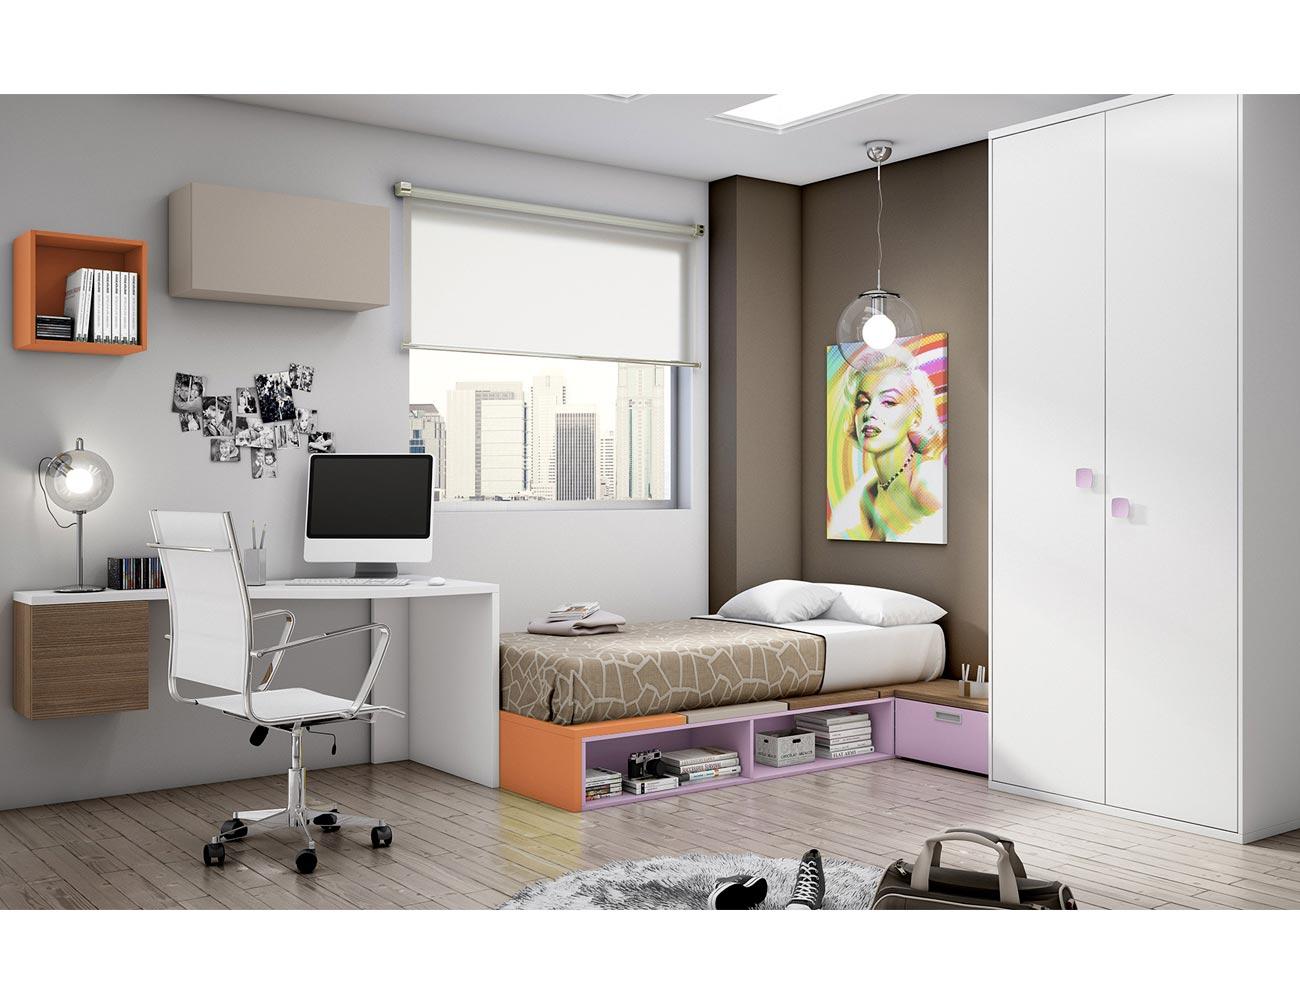 Dormitorio juvenil moderno box cube armario